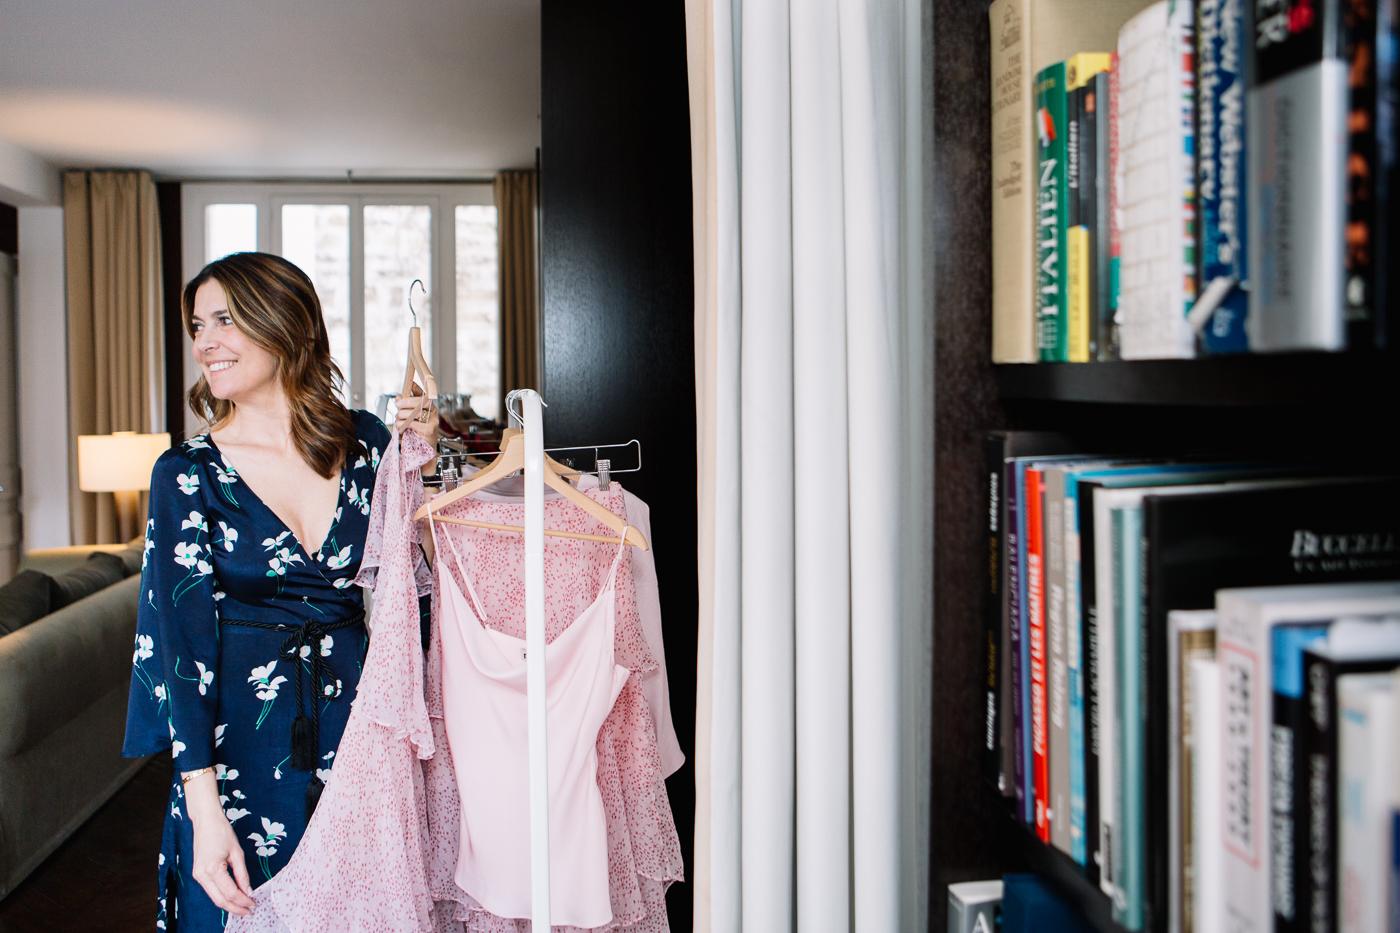 Tara Jarmon dans son salon, vêtue d'une robe kimono bleue imprimée issue de sa nouvelle marque Miræ, se tient devant un rail de vêtements et présente une robe rose vaporeuse